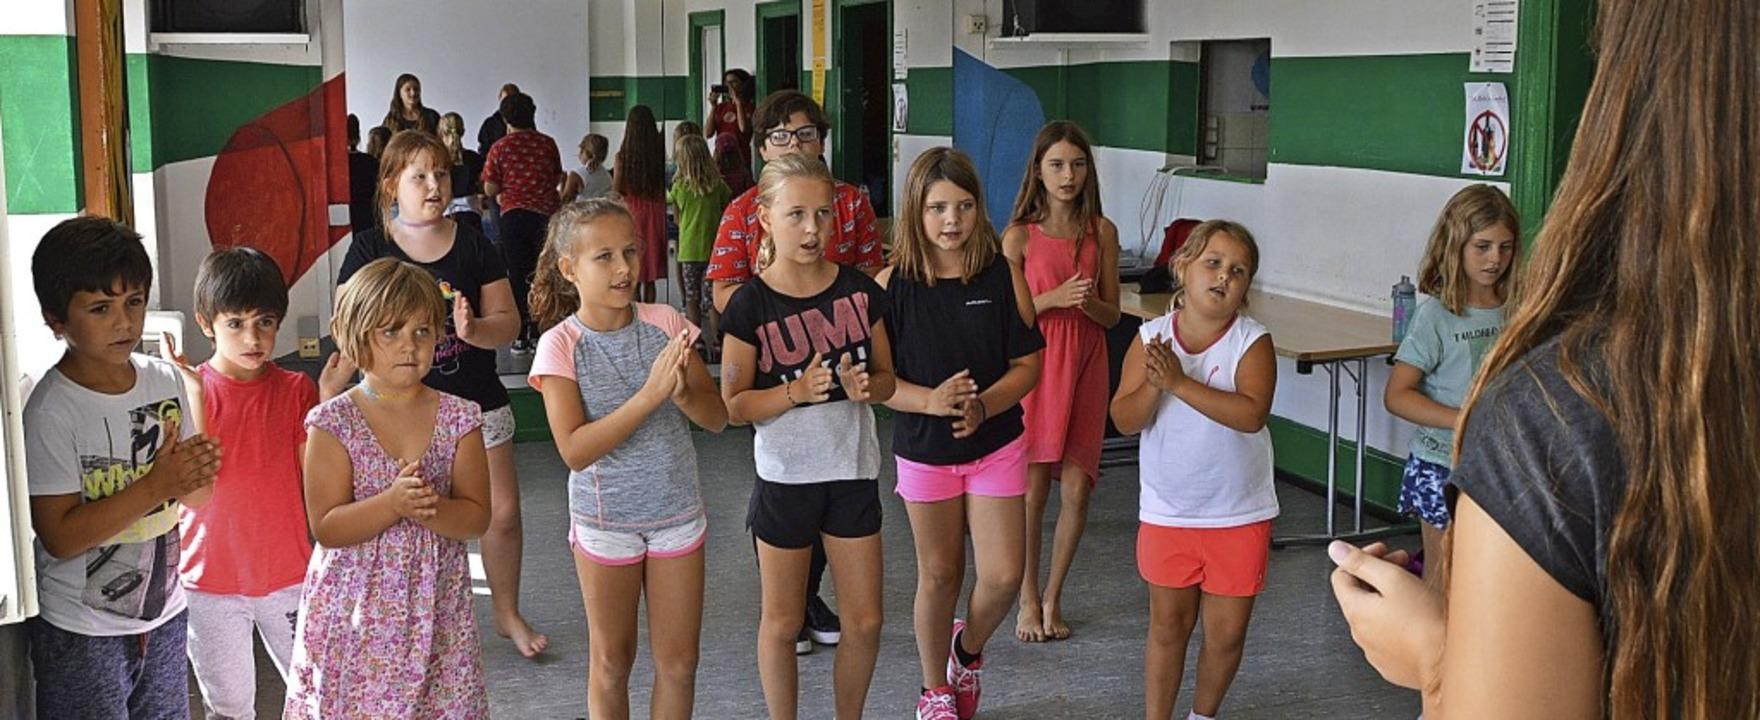 Zusammen mit Diplom-Schauspielerin Pet... üben die Kids die Choreographie ein.   | Foto: Horatio Gollin